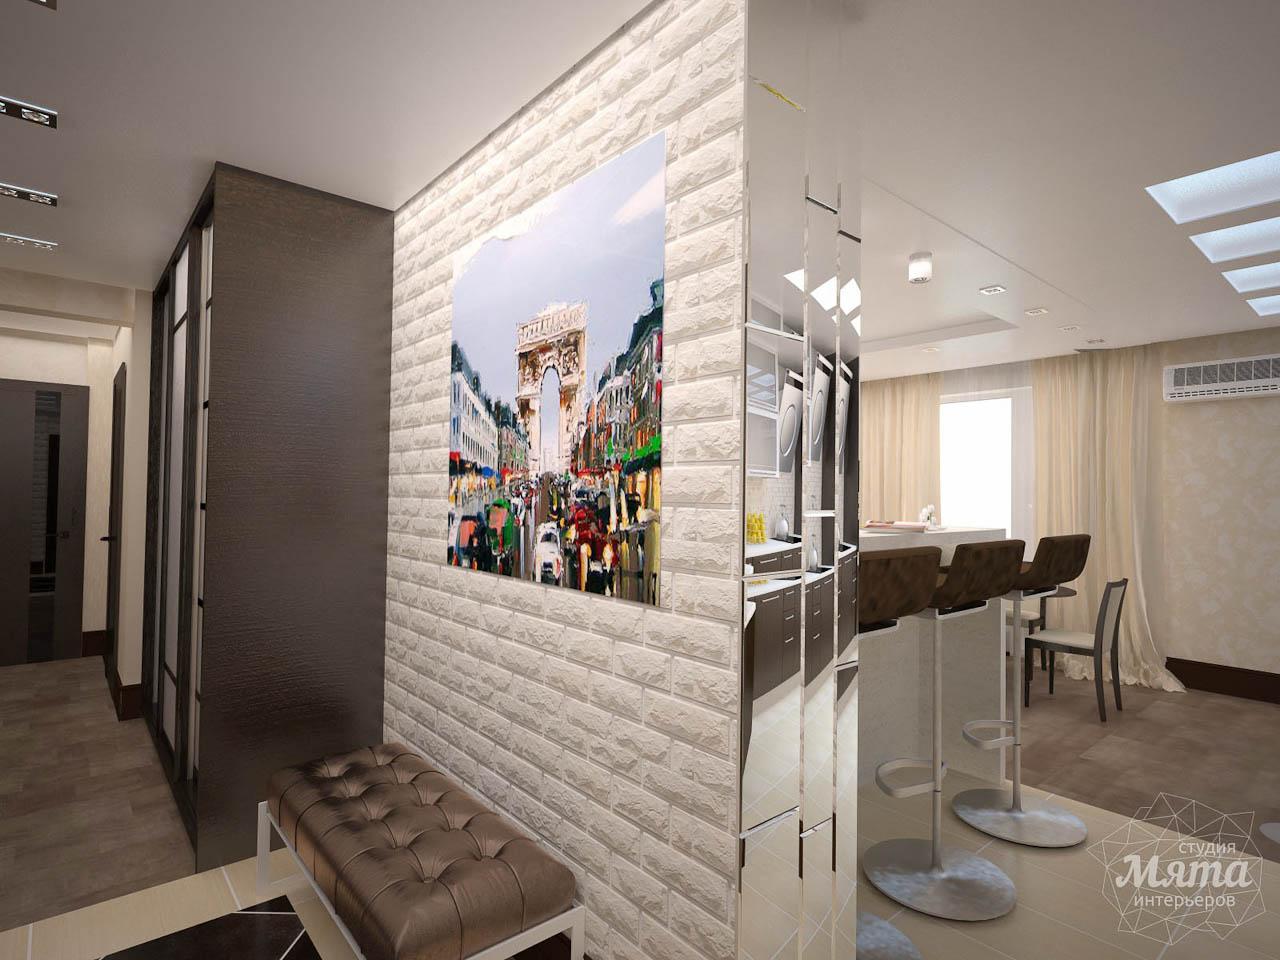 Дизайн интерьера трехкомнатной квартиры по ул. Белинского 222 img1756658665